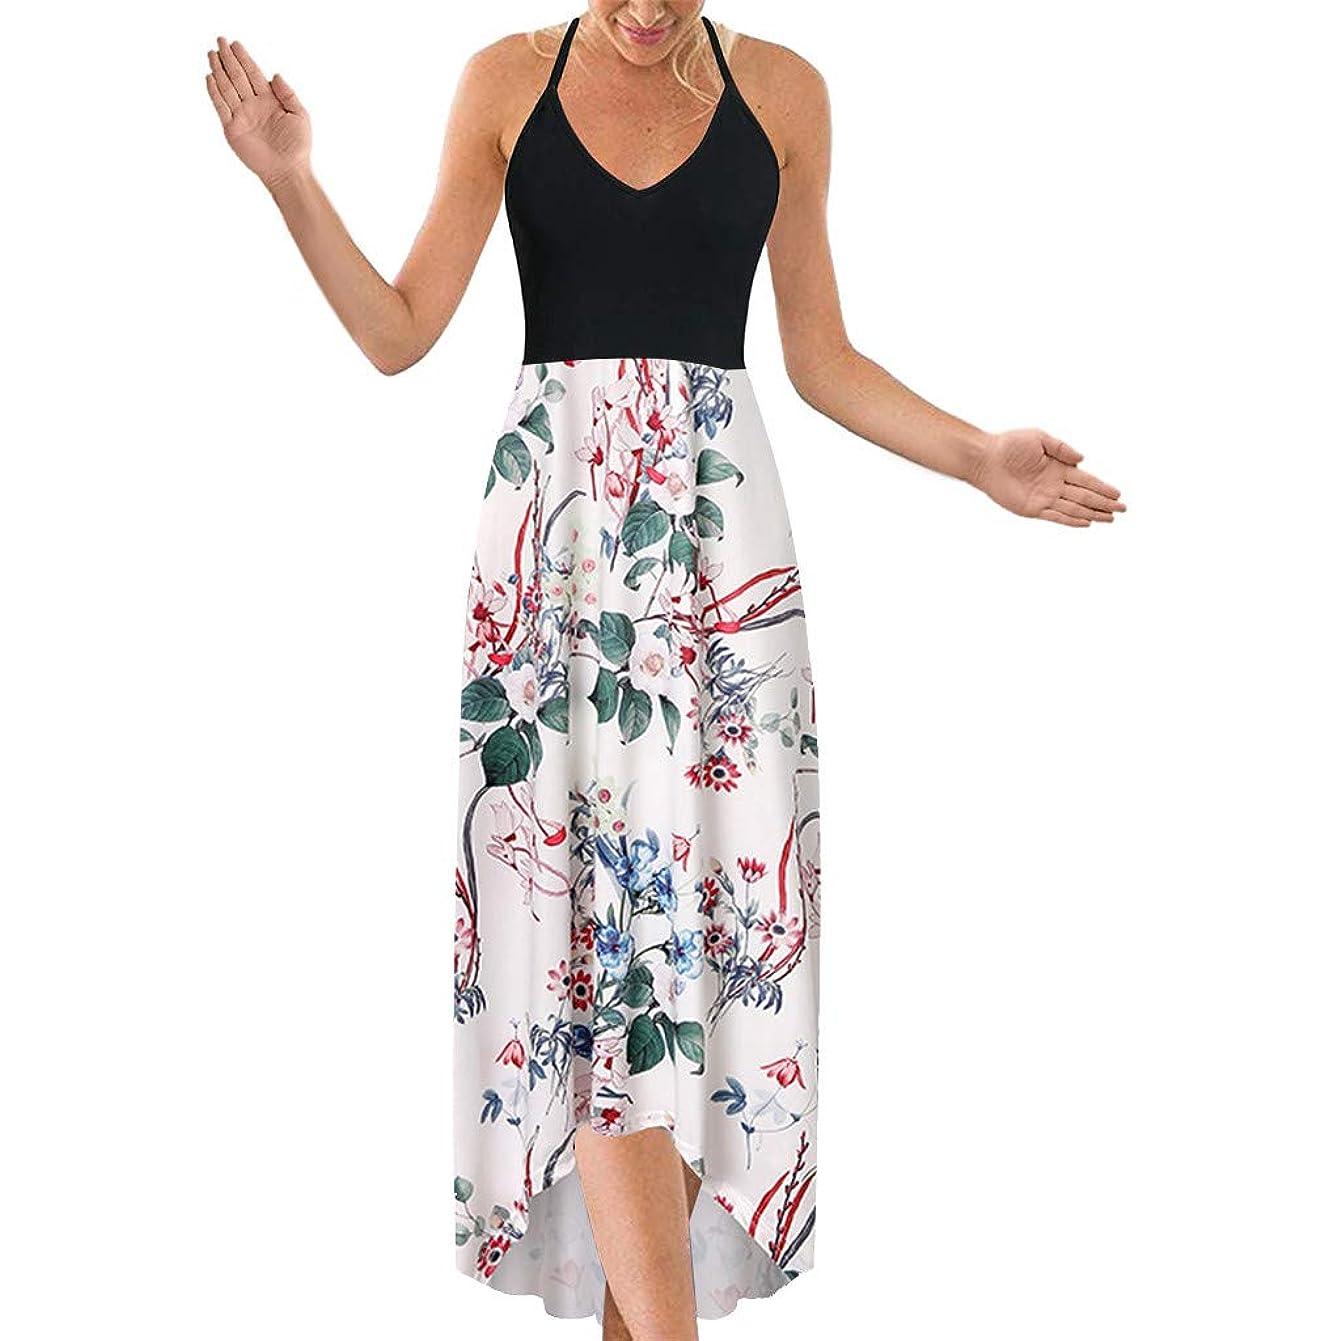 契約した決定襟ドレス ワンピース 黒 ドレス キャバ エレガント ボタニカル ワンピース タイト 花柄 フェミニン 着やせ レディース セクシー ノースリーブスリング 花柄 ホルタードレス 通勤 二次会 お呼ばれ 披露宴 結婚式 パーティー